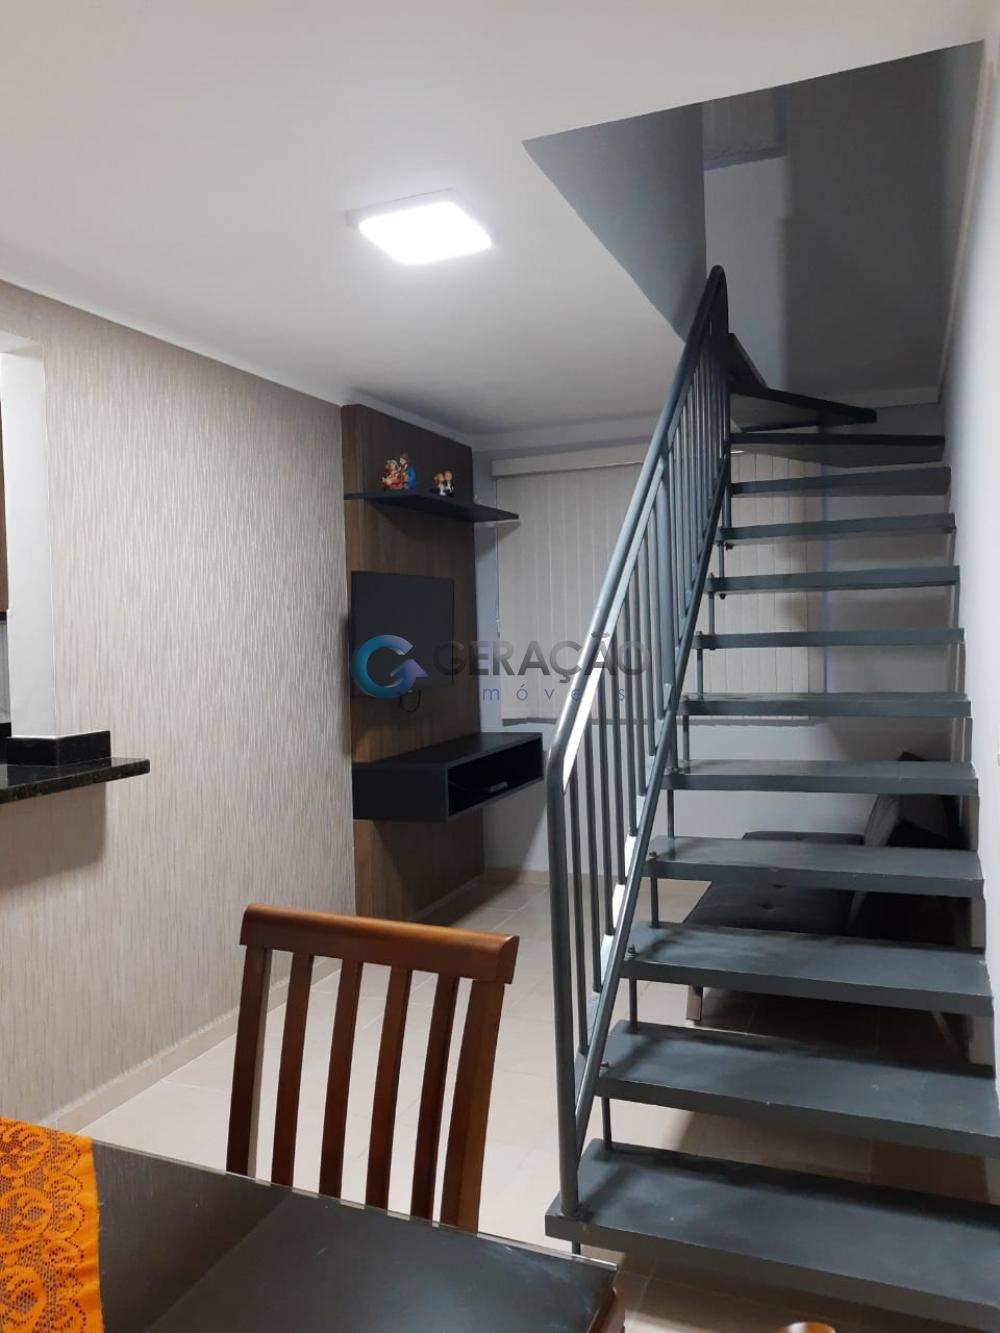 Alugar Apartamento / Padrão em São José dos Campos R$ 1.800,00 - Foto 7